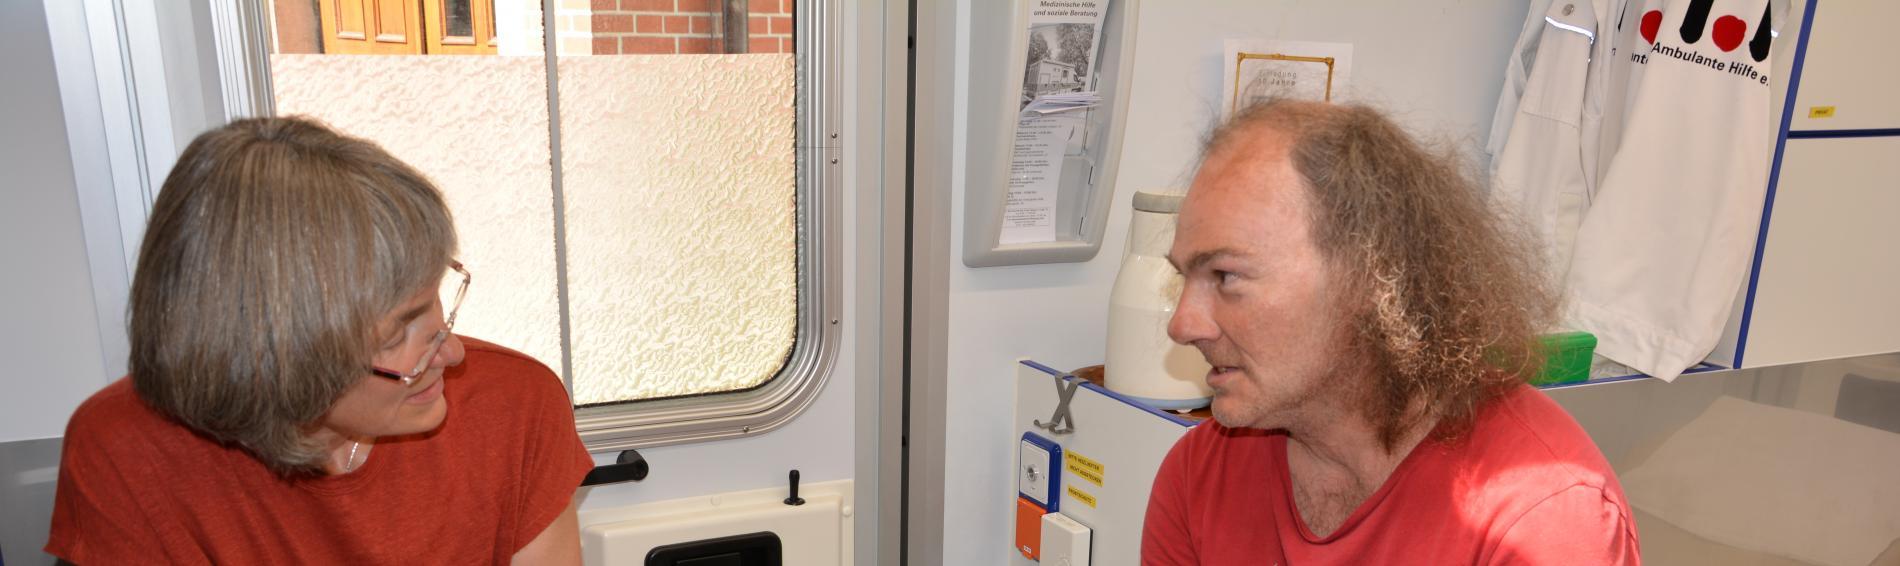 Ärztin und Patient im MedMobil Stuttgart